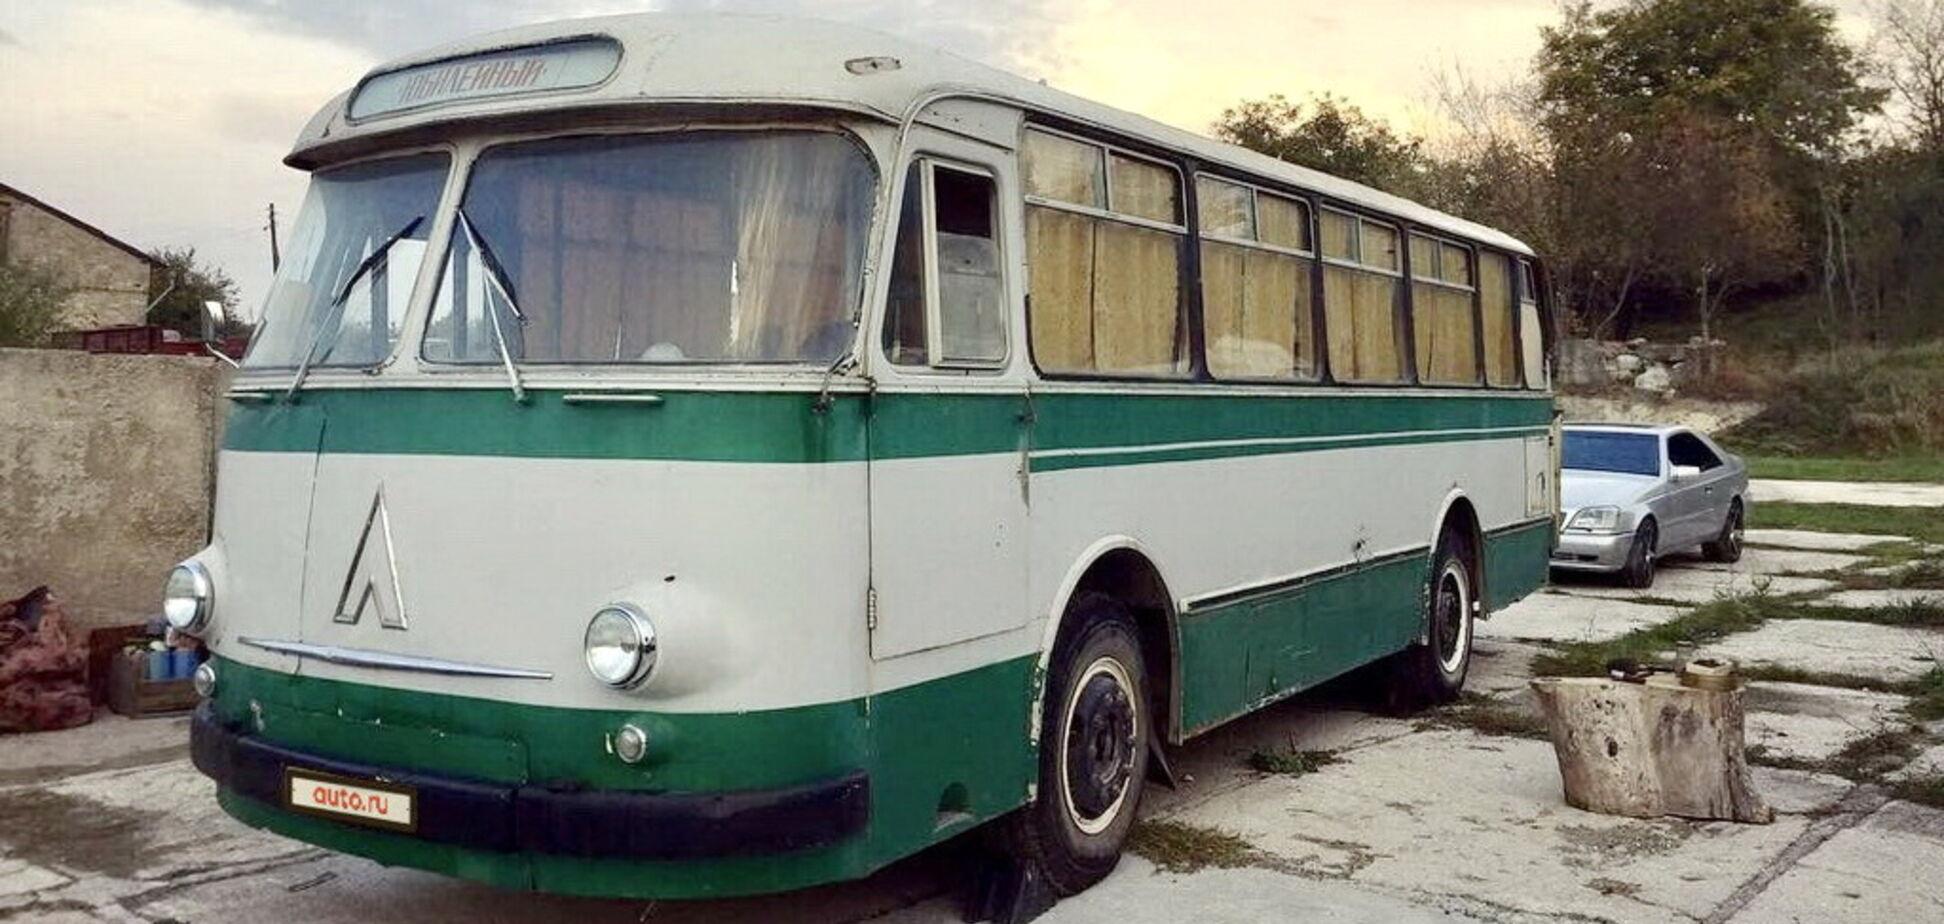 Ціни шокують: у Ялті продають колекцію ЛАЗів часів СРСР